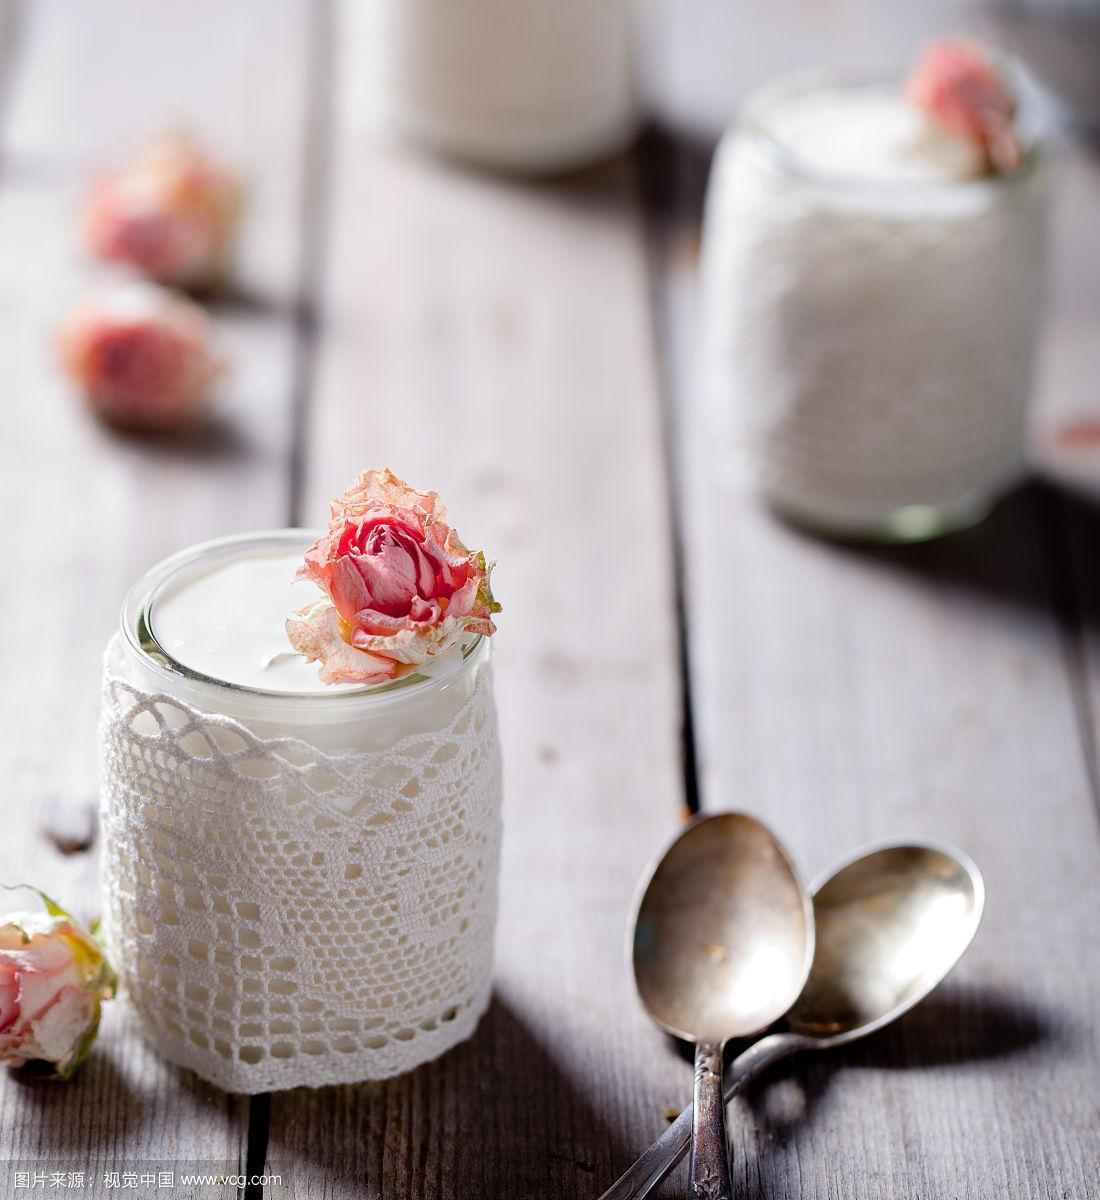 希腊酸奶,花边,玻璃,玫瑰,调味品,垂直画幅,奶制品,古老的,奶油,古典式